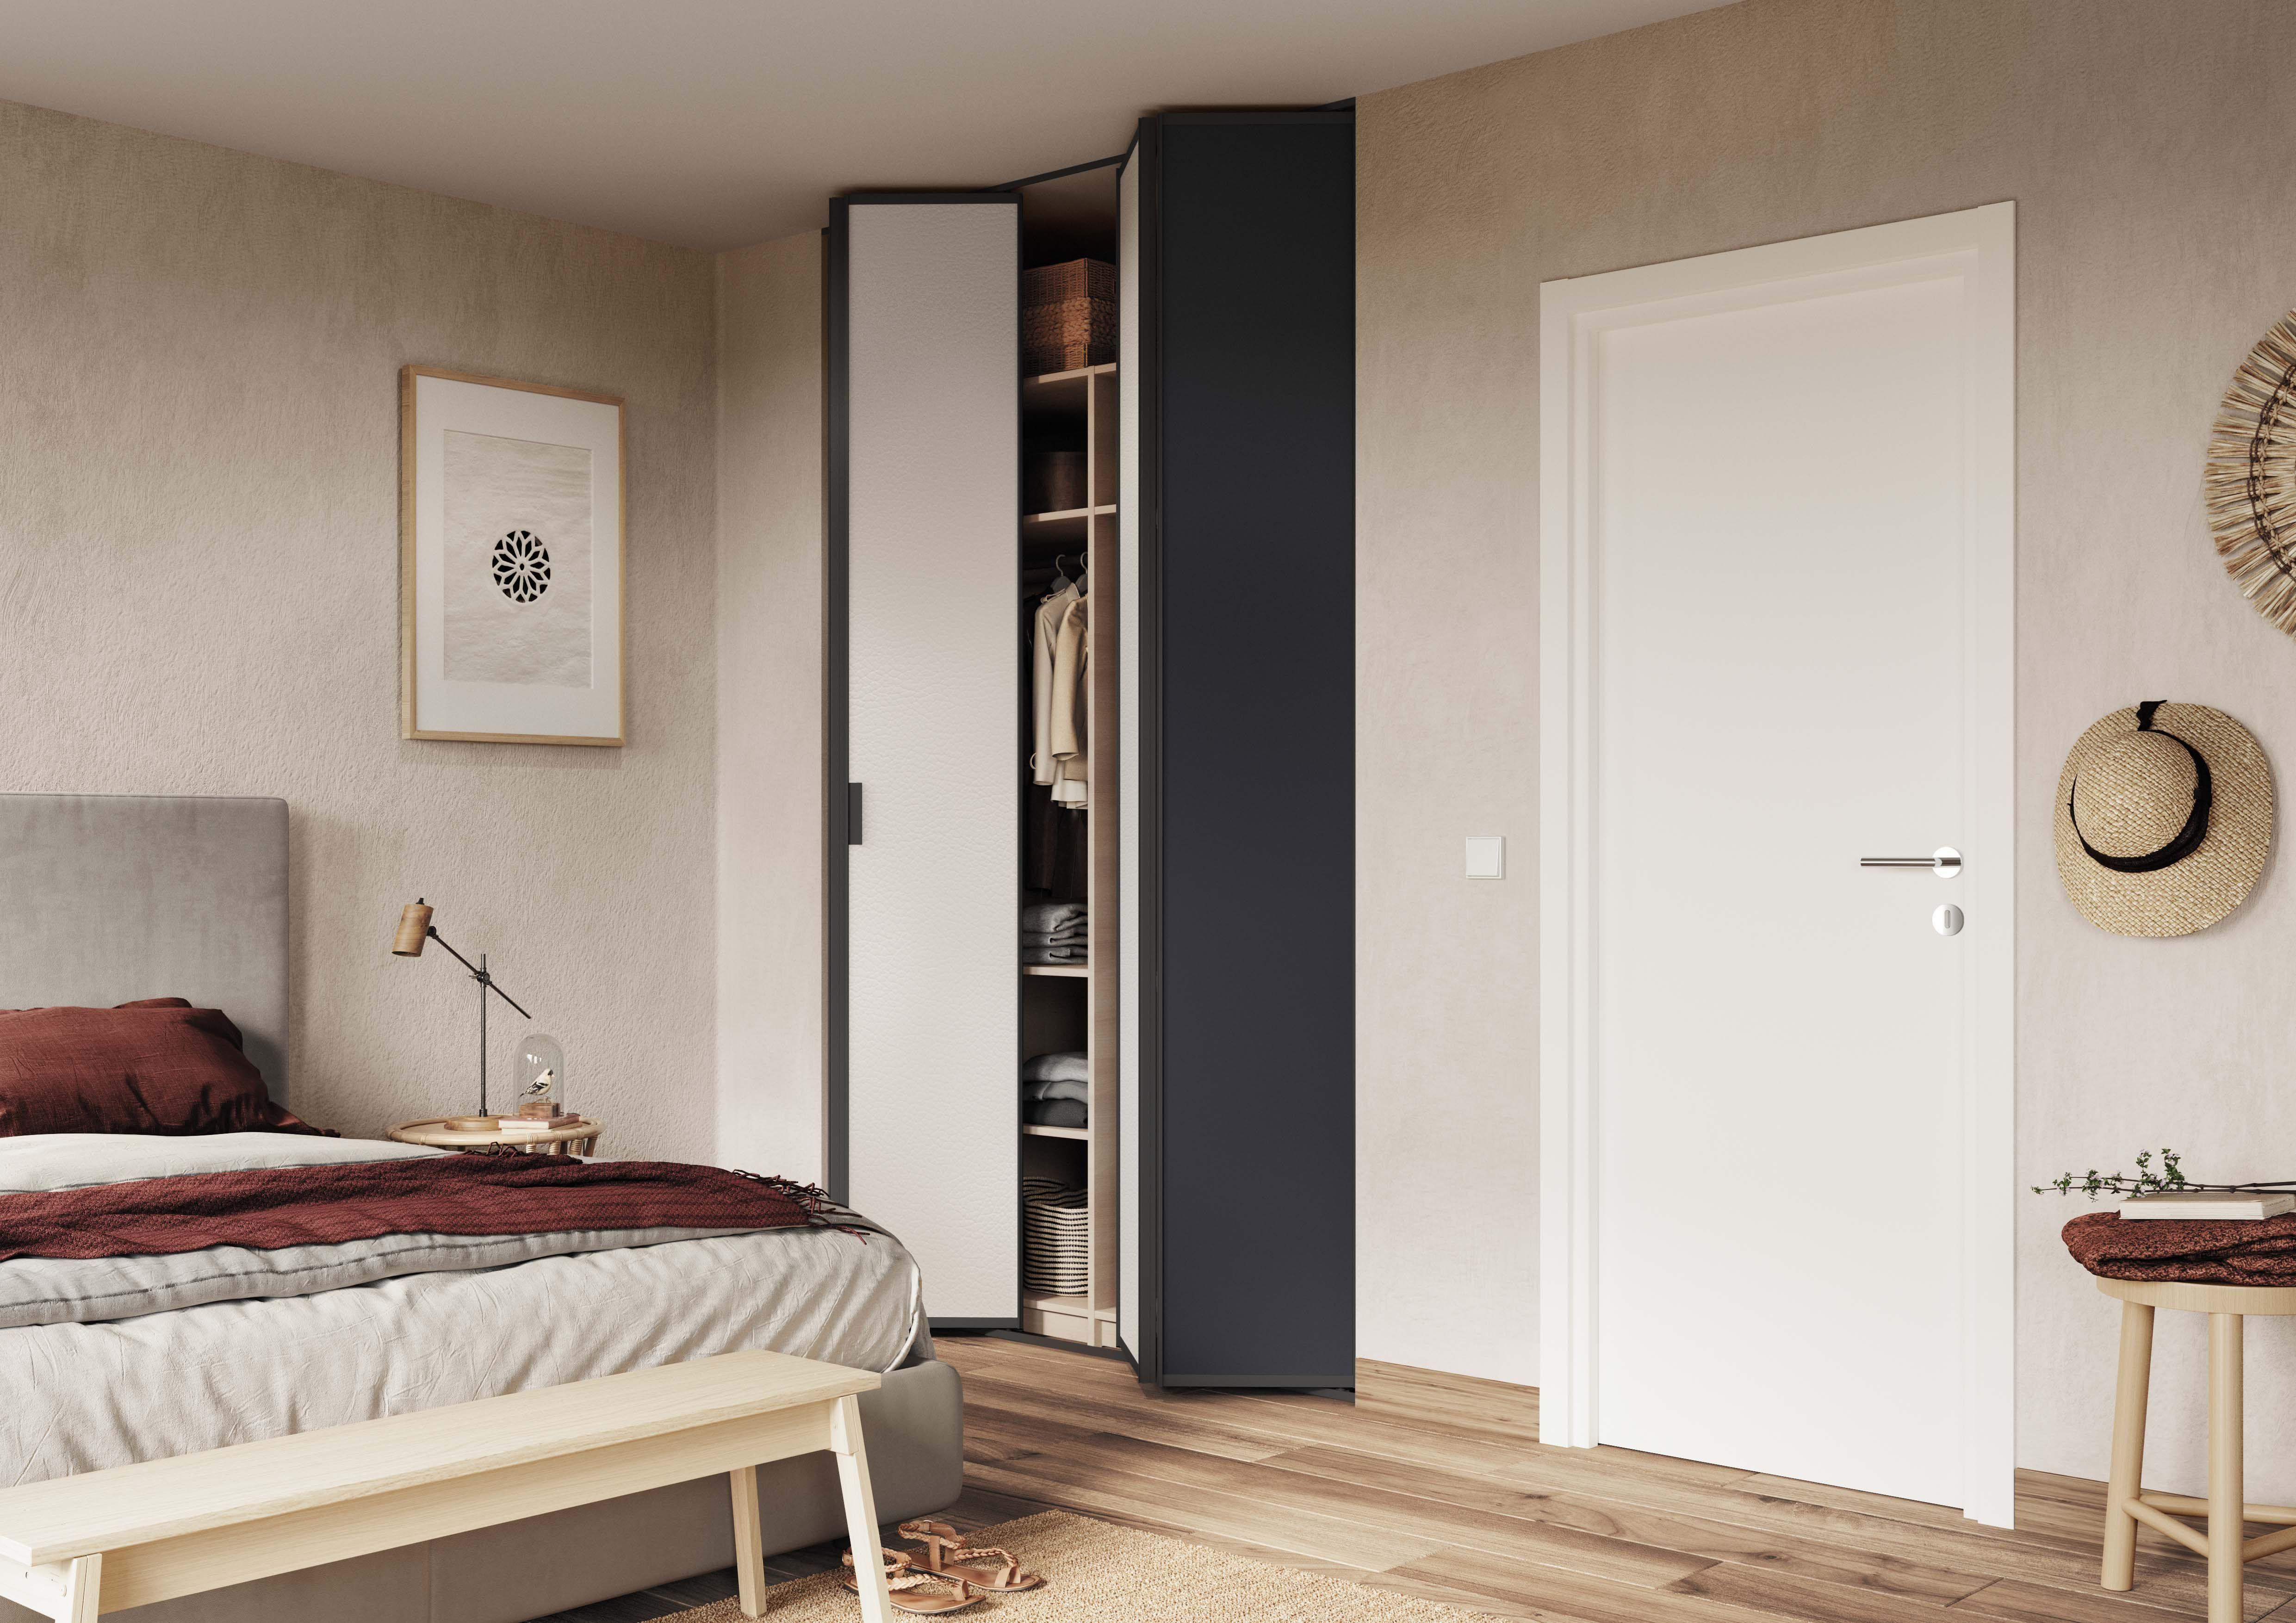 Creer Des Portes De Placard Coulissantes les portes de placard pliantes sogal vous permettent de